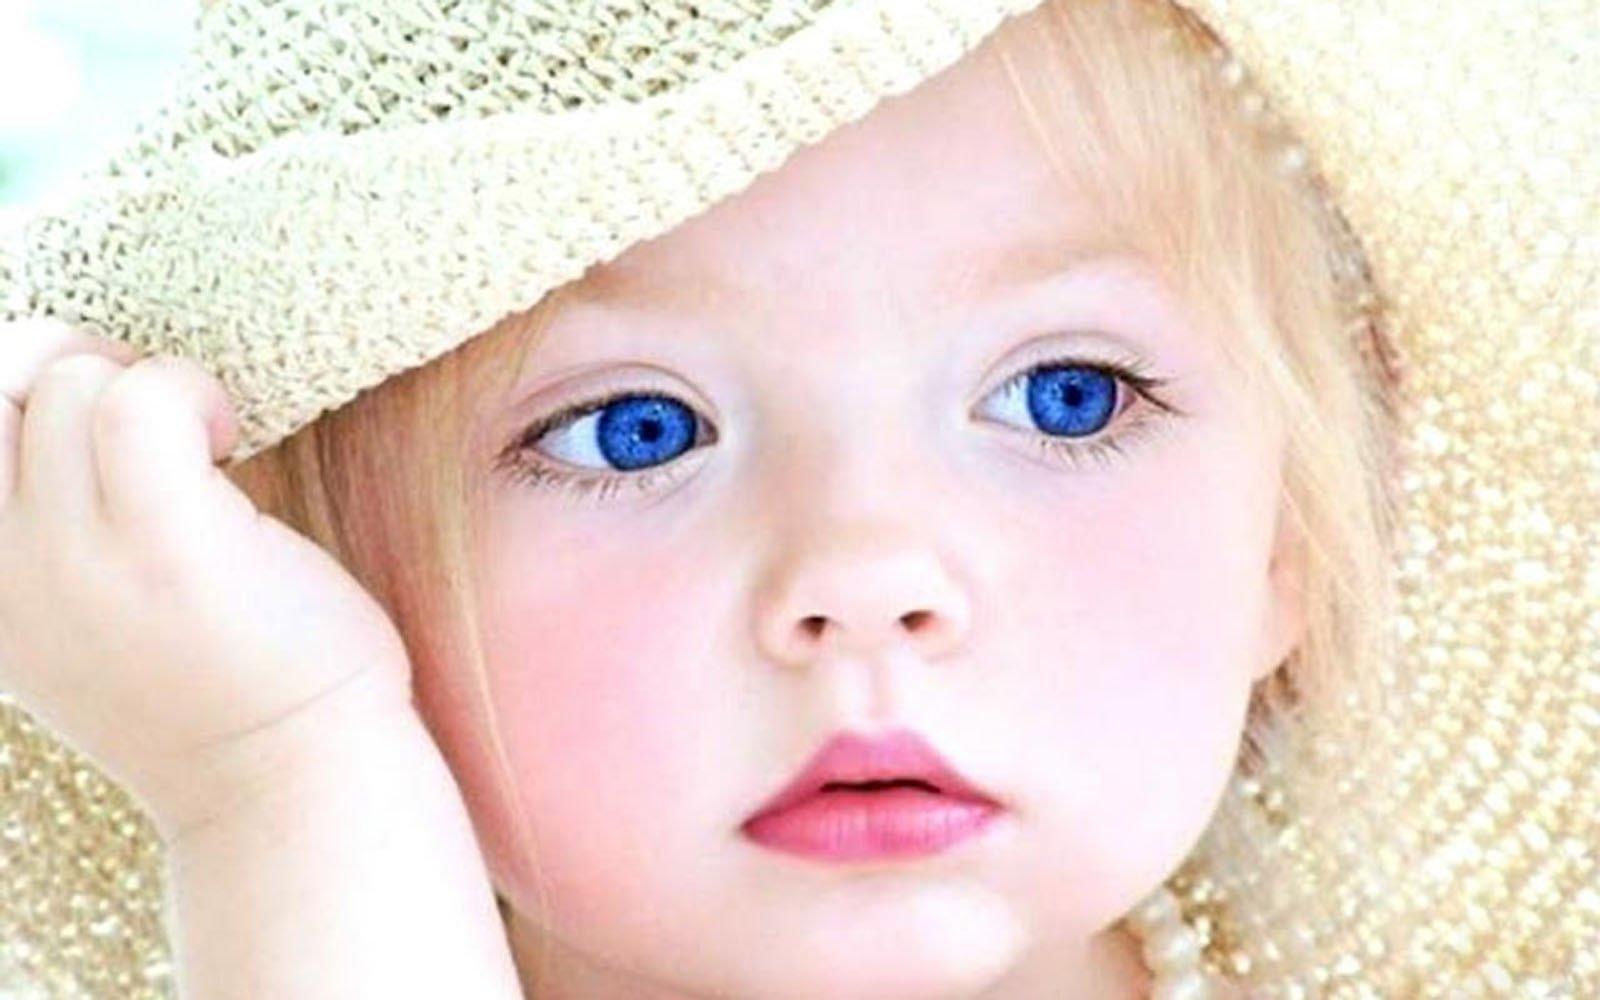 صورة صور اطفال شيك , صور جميلة جدا للاطفال